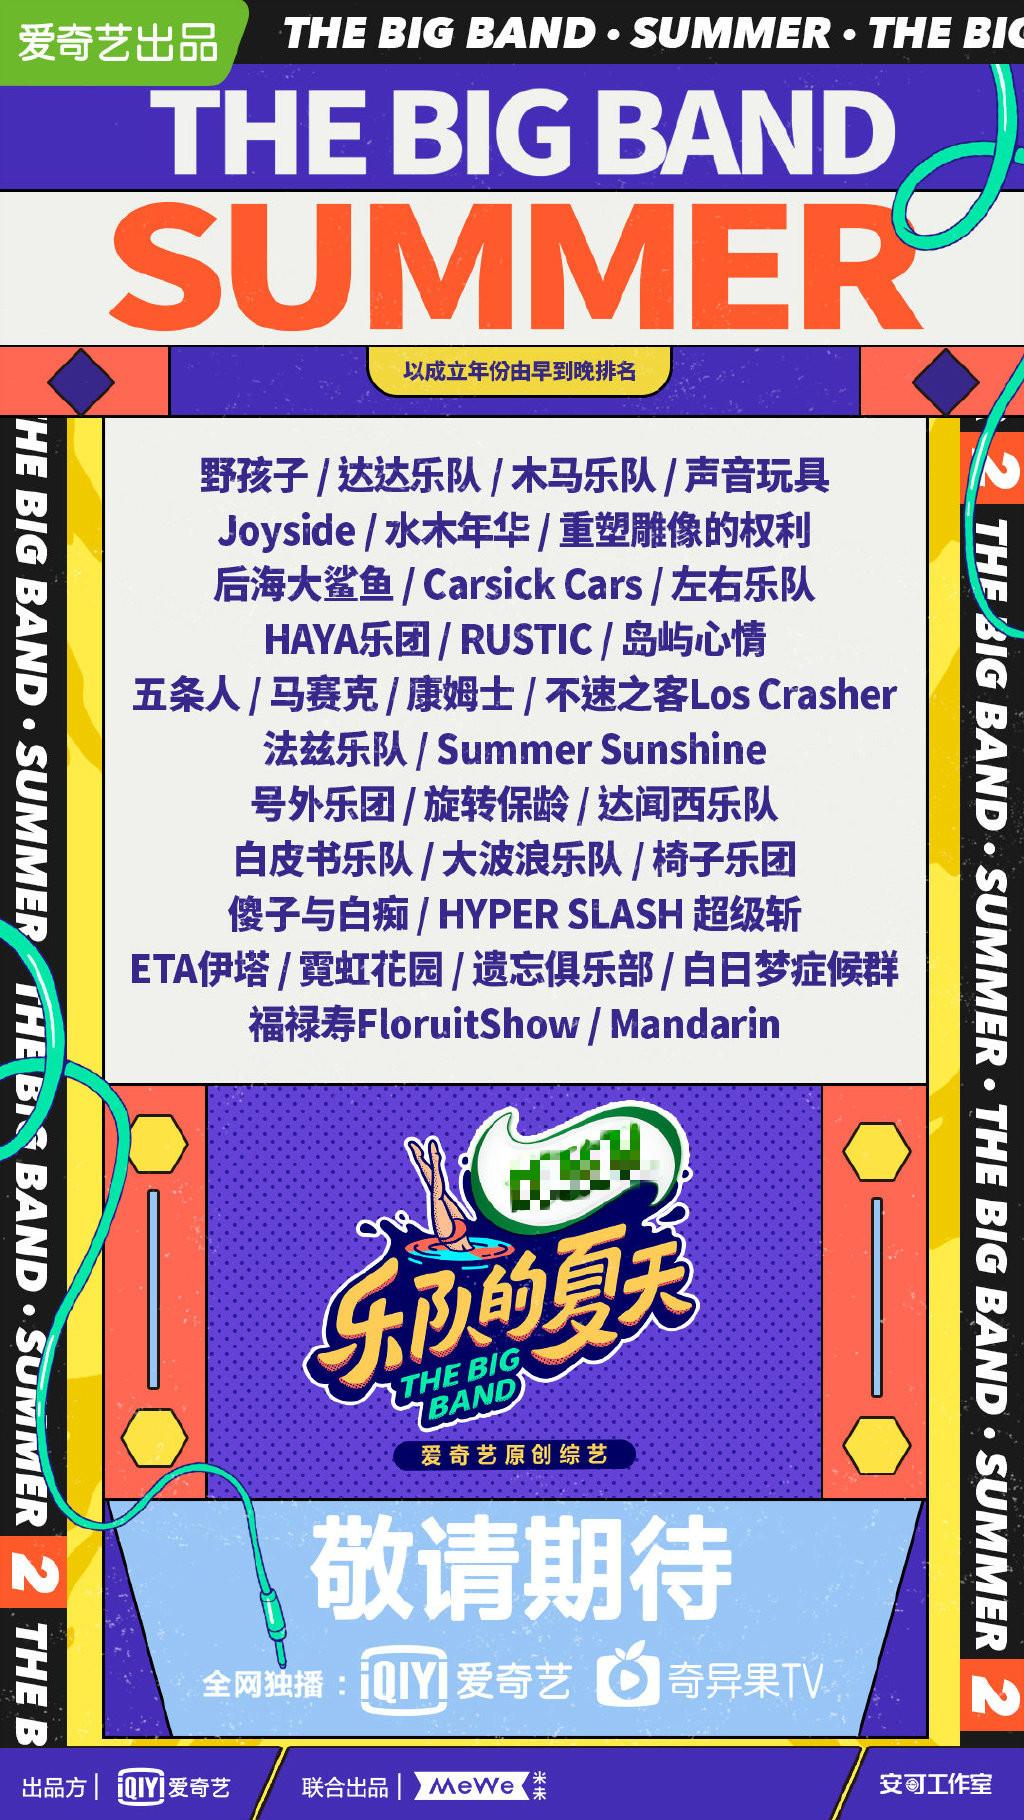 【杏悦】队的夏天第二季官宣杏悦阵容33支乐队集结图片